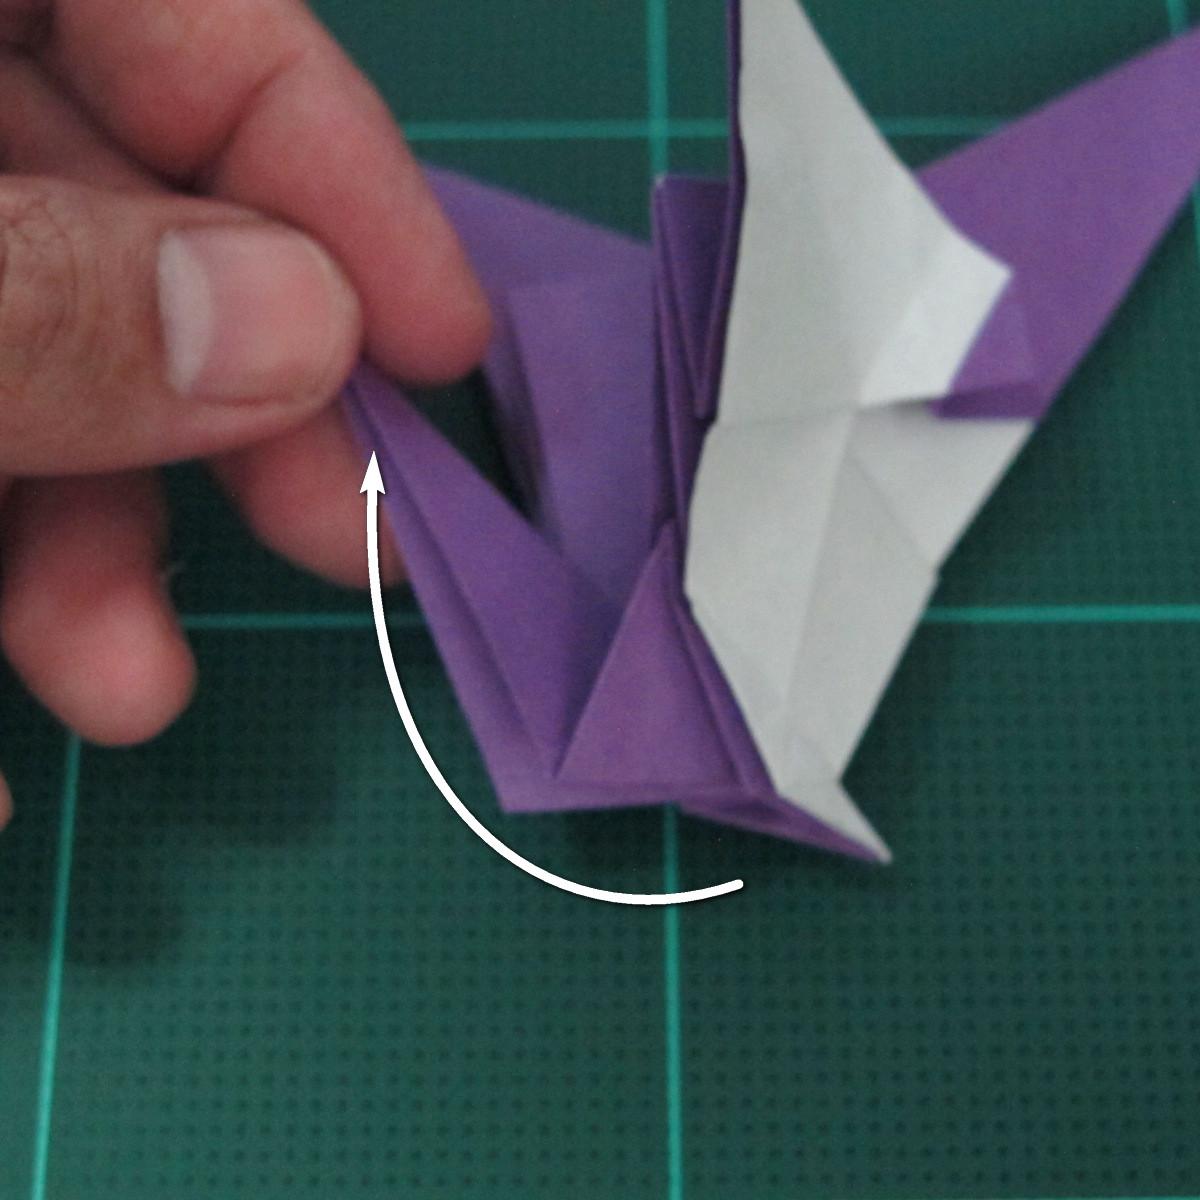 วิธีพับกระดาษเป็นรูปนกอินทรี (Origami Eagle) 028